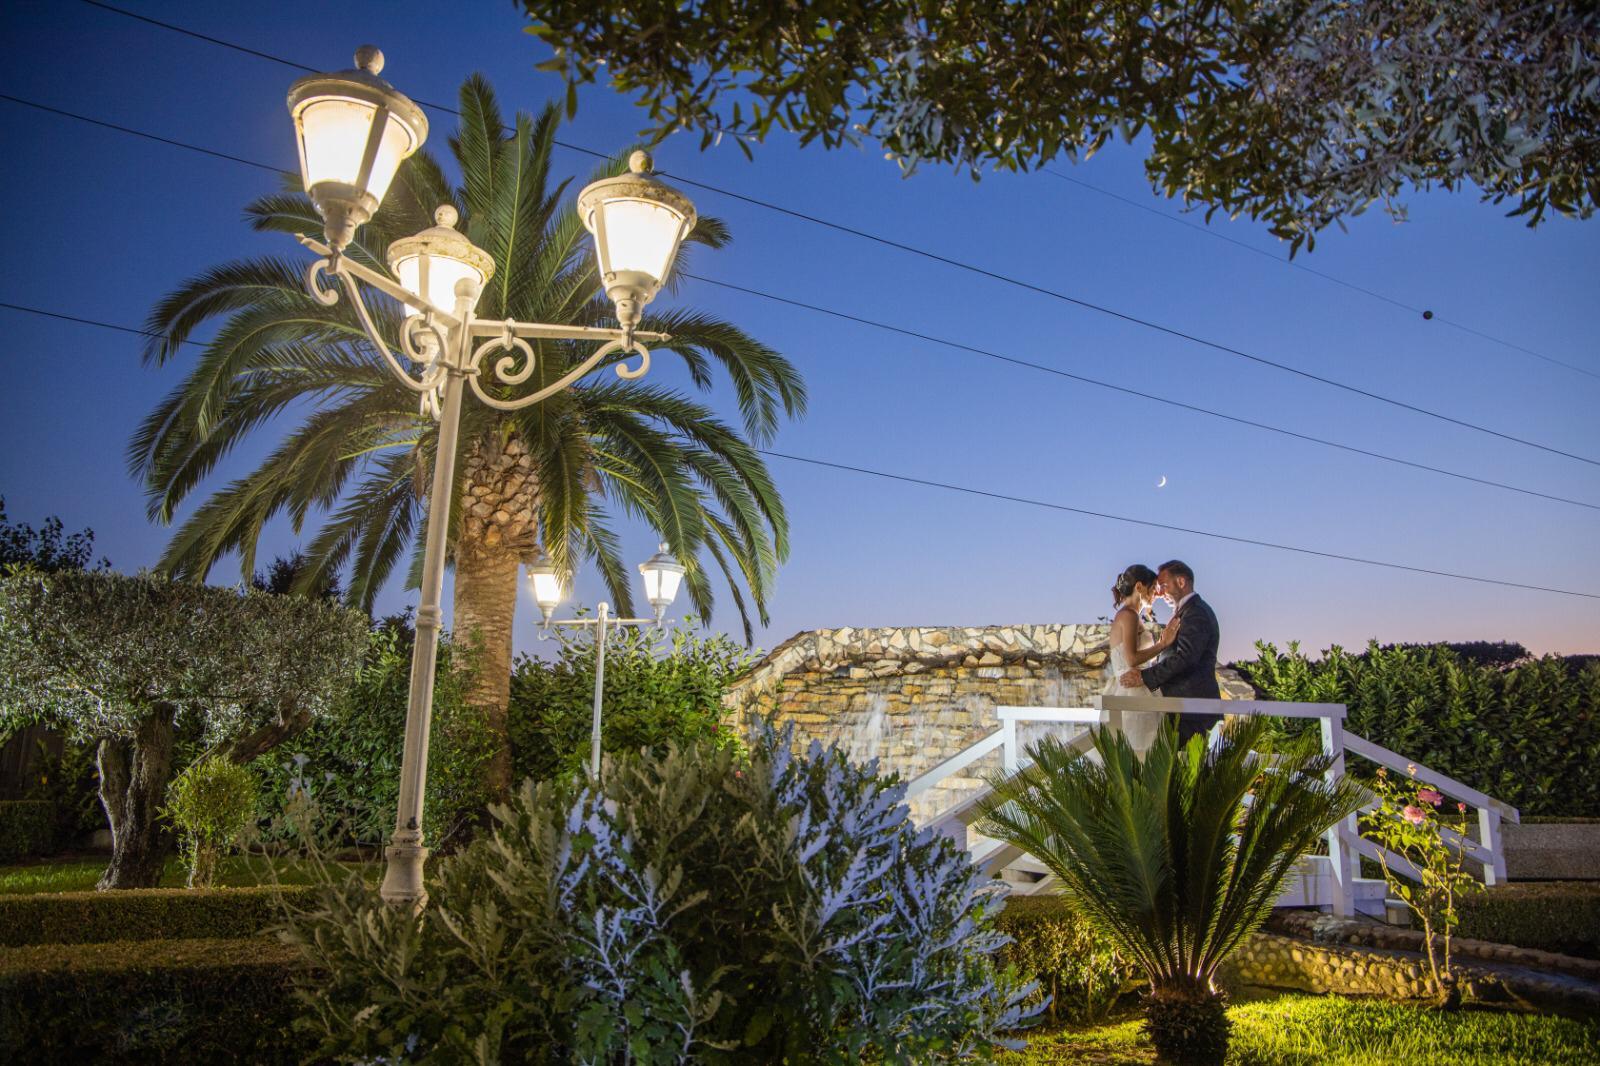 location sposi in campania